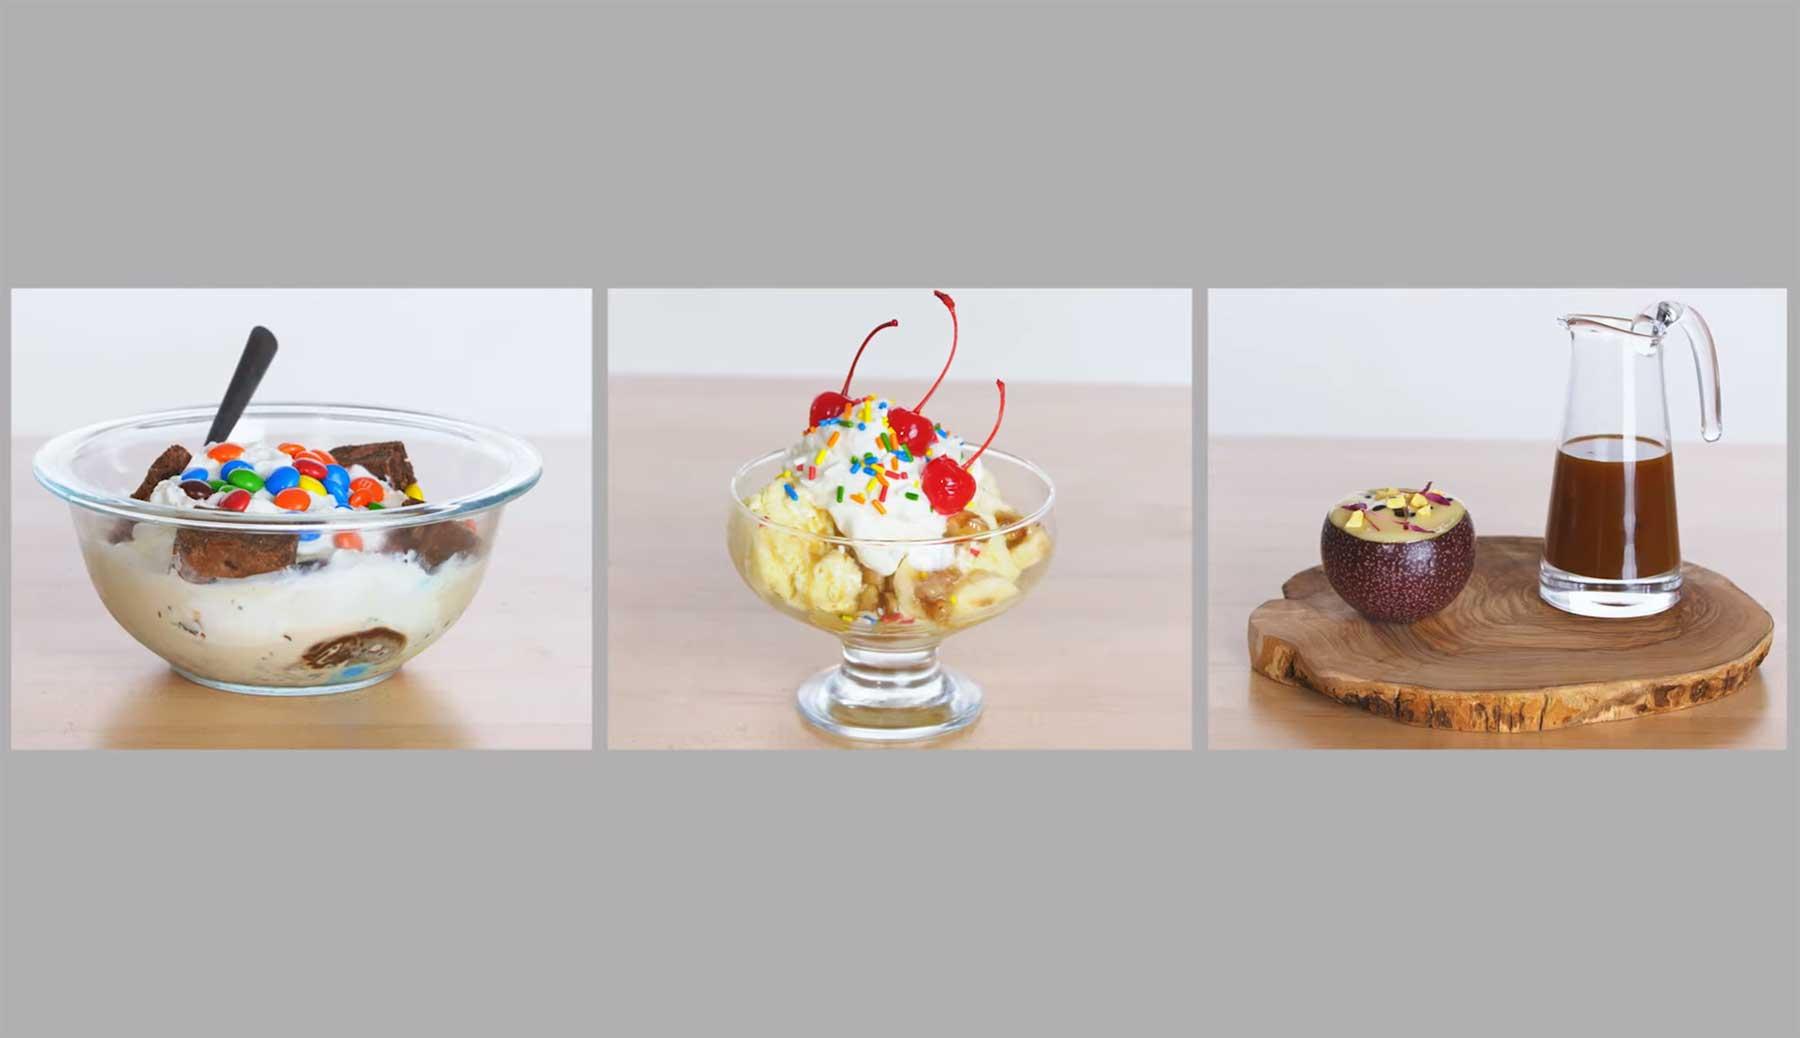 Köche unterschiedlicher Fähigkeitsstufen bereiten Ice Cream Sundaes zu